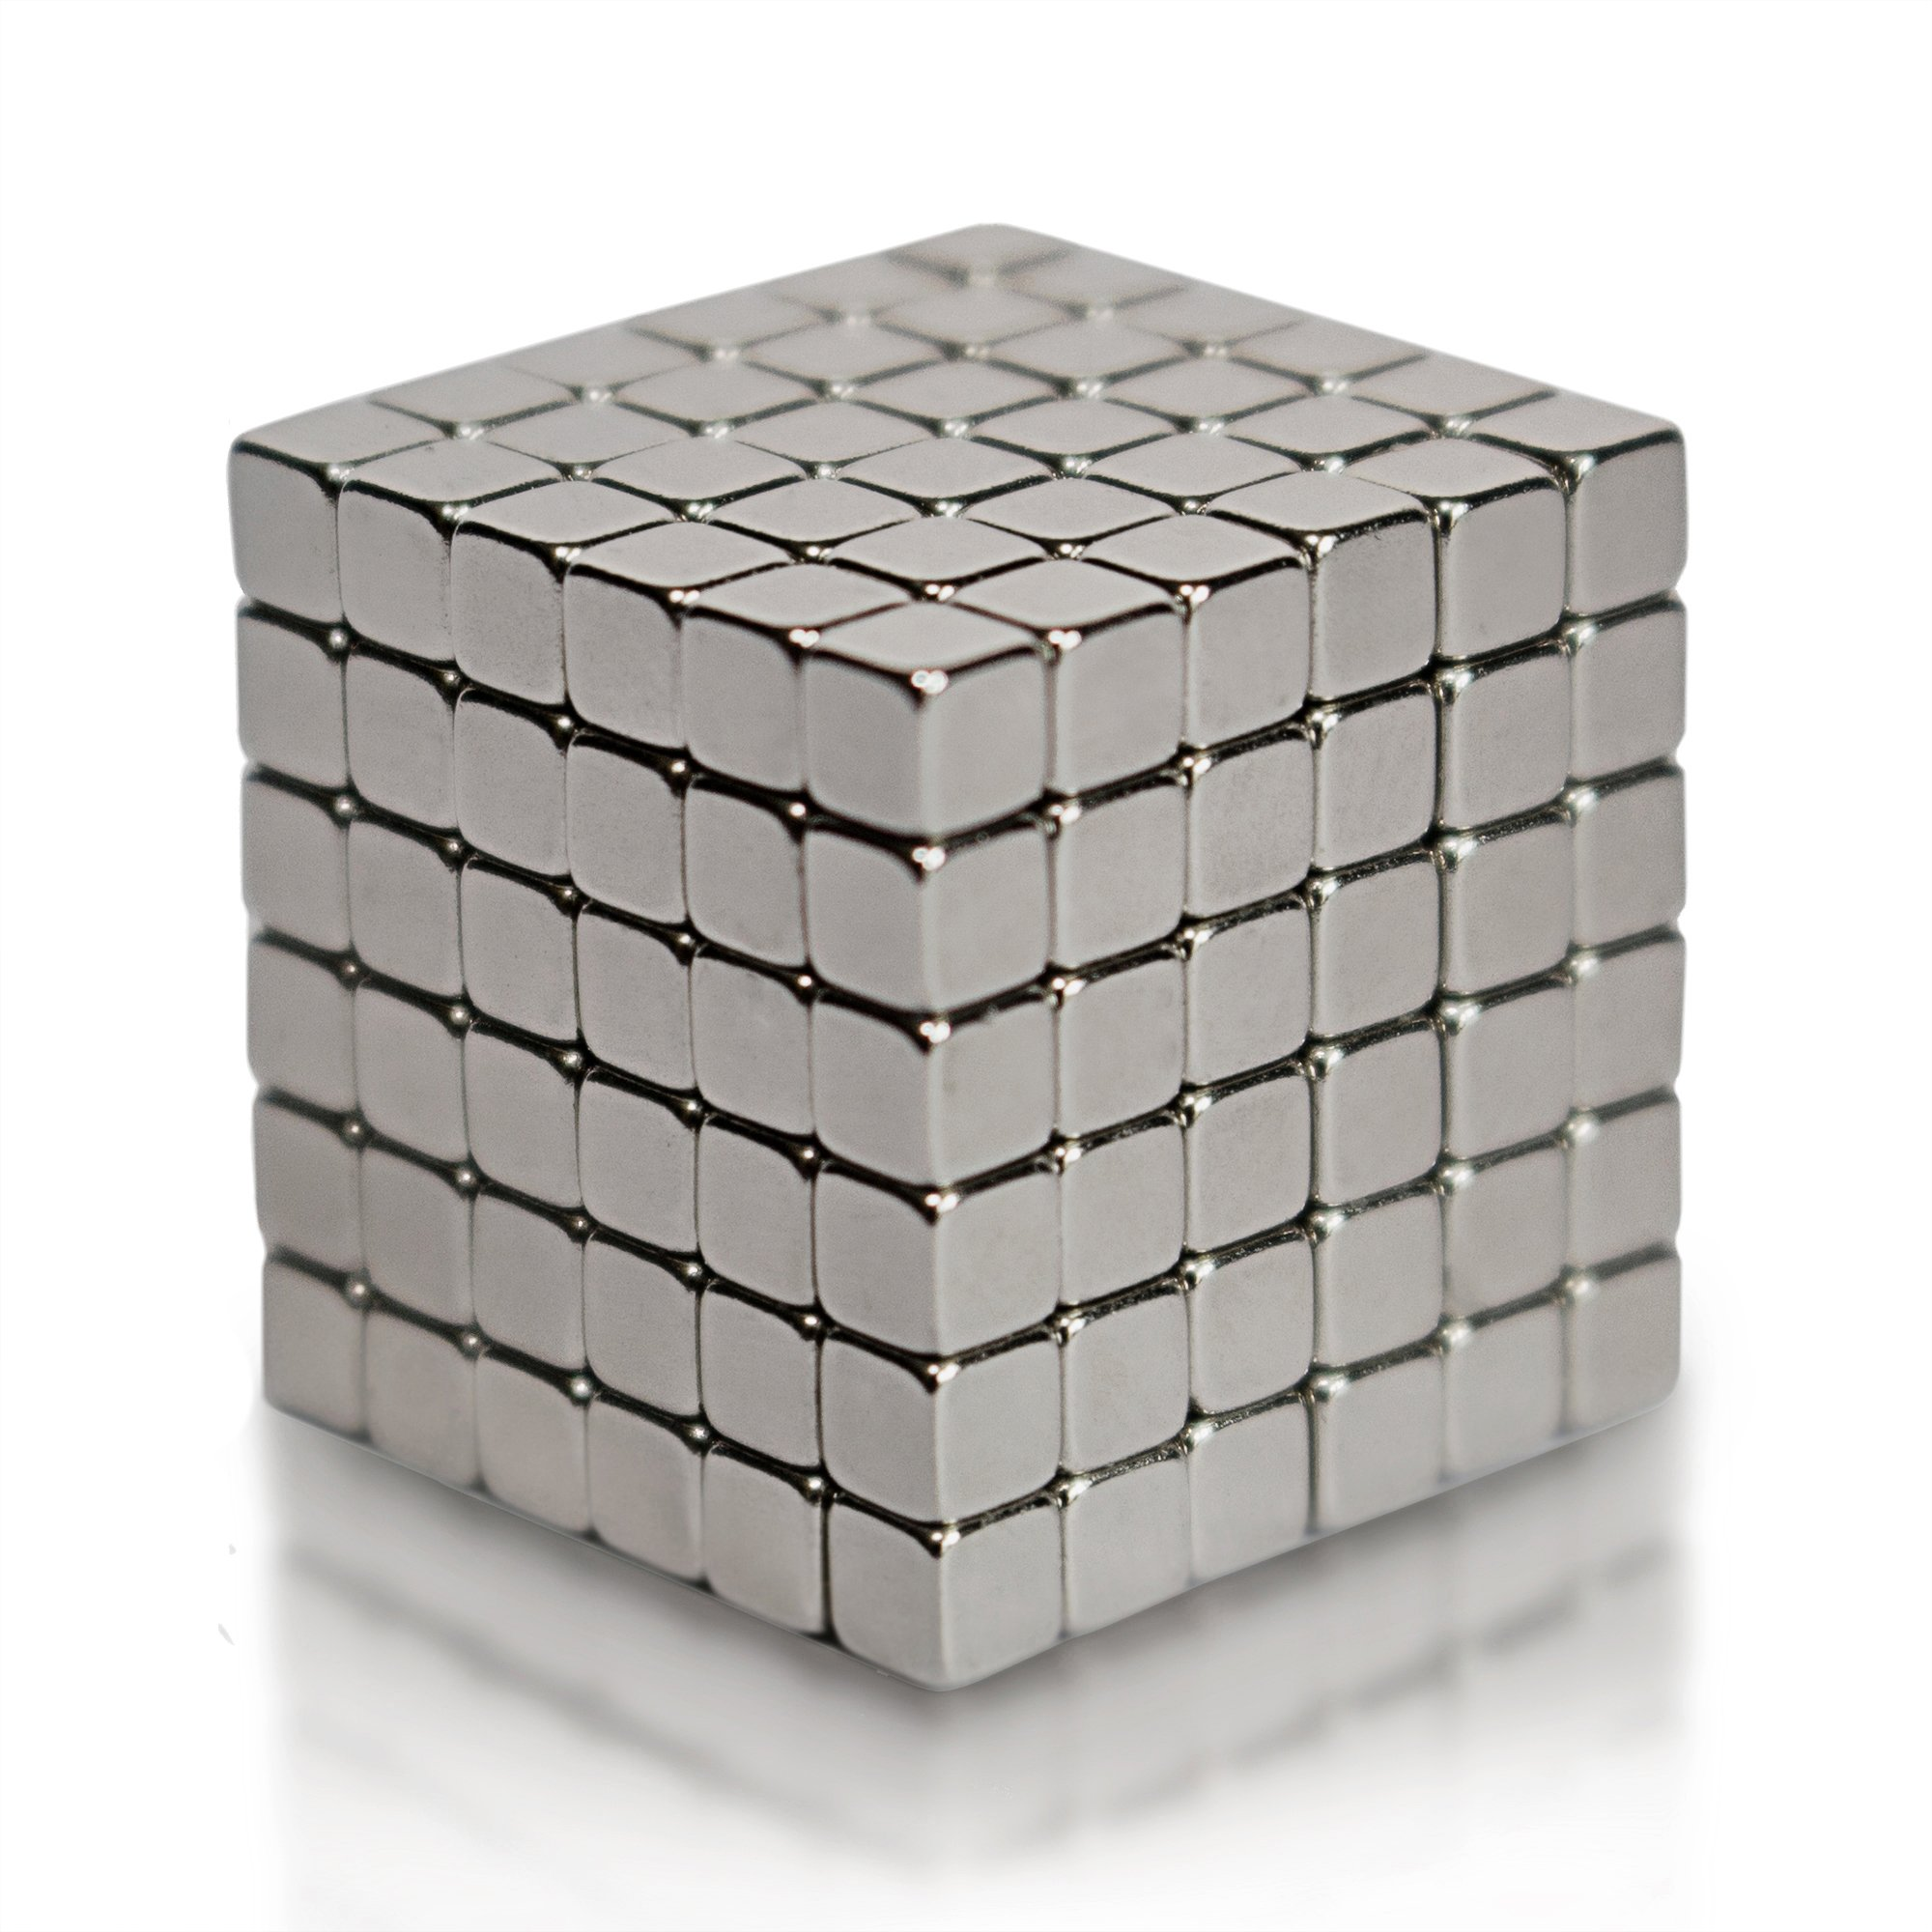 EDC Fidgeter 5mm Magnetic Cube Puzzle Prime Quality Fidget Toys Fidget Cube, 216 Pieces. Ideal Office Stress Relief Executive Desk Toy. Magic Metal Square Fidget Magnets Cool Gadget.